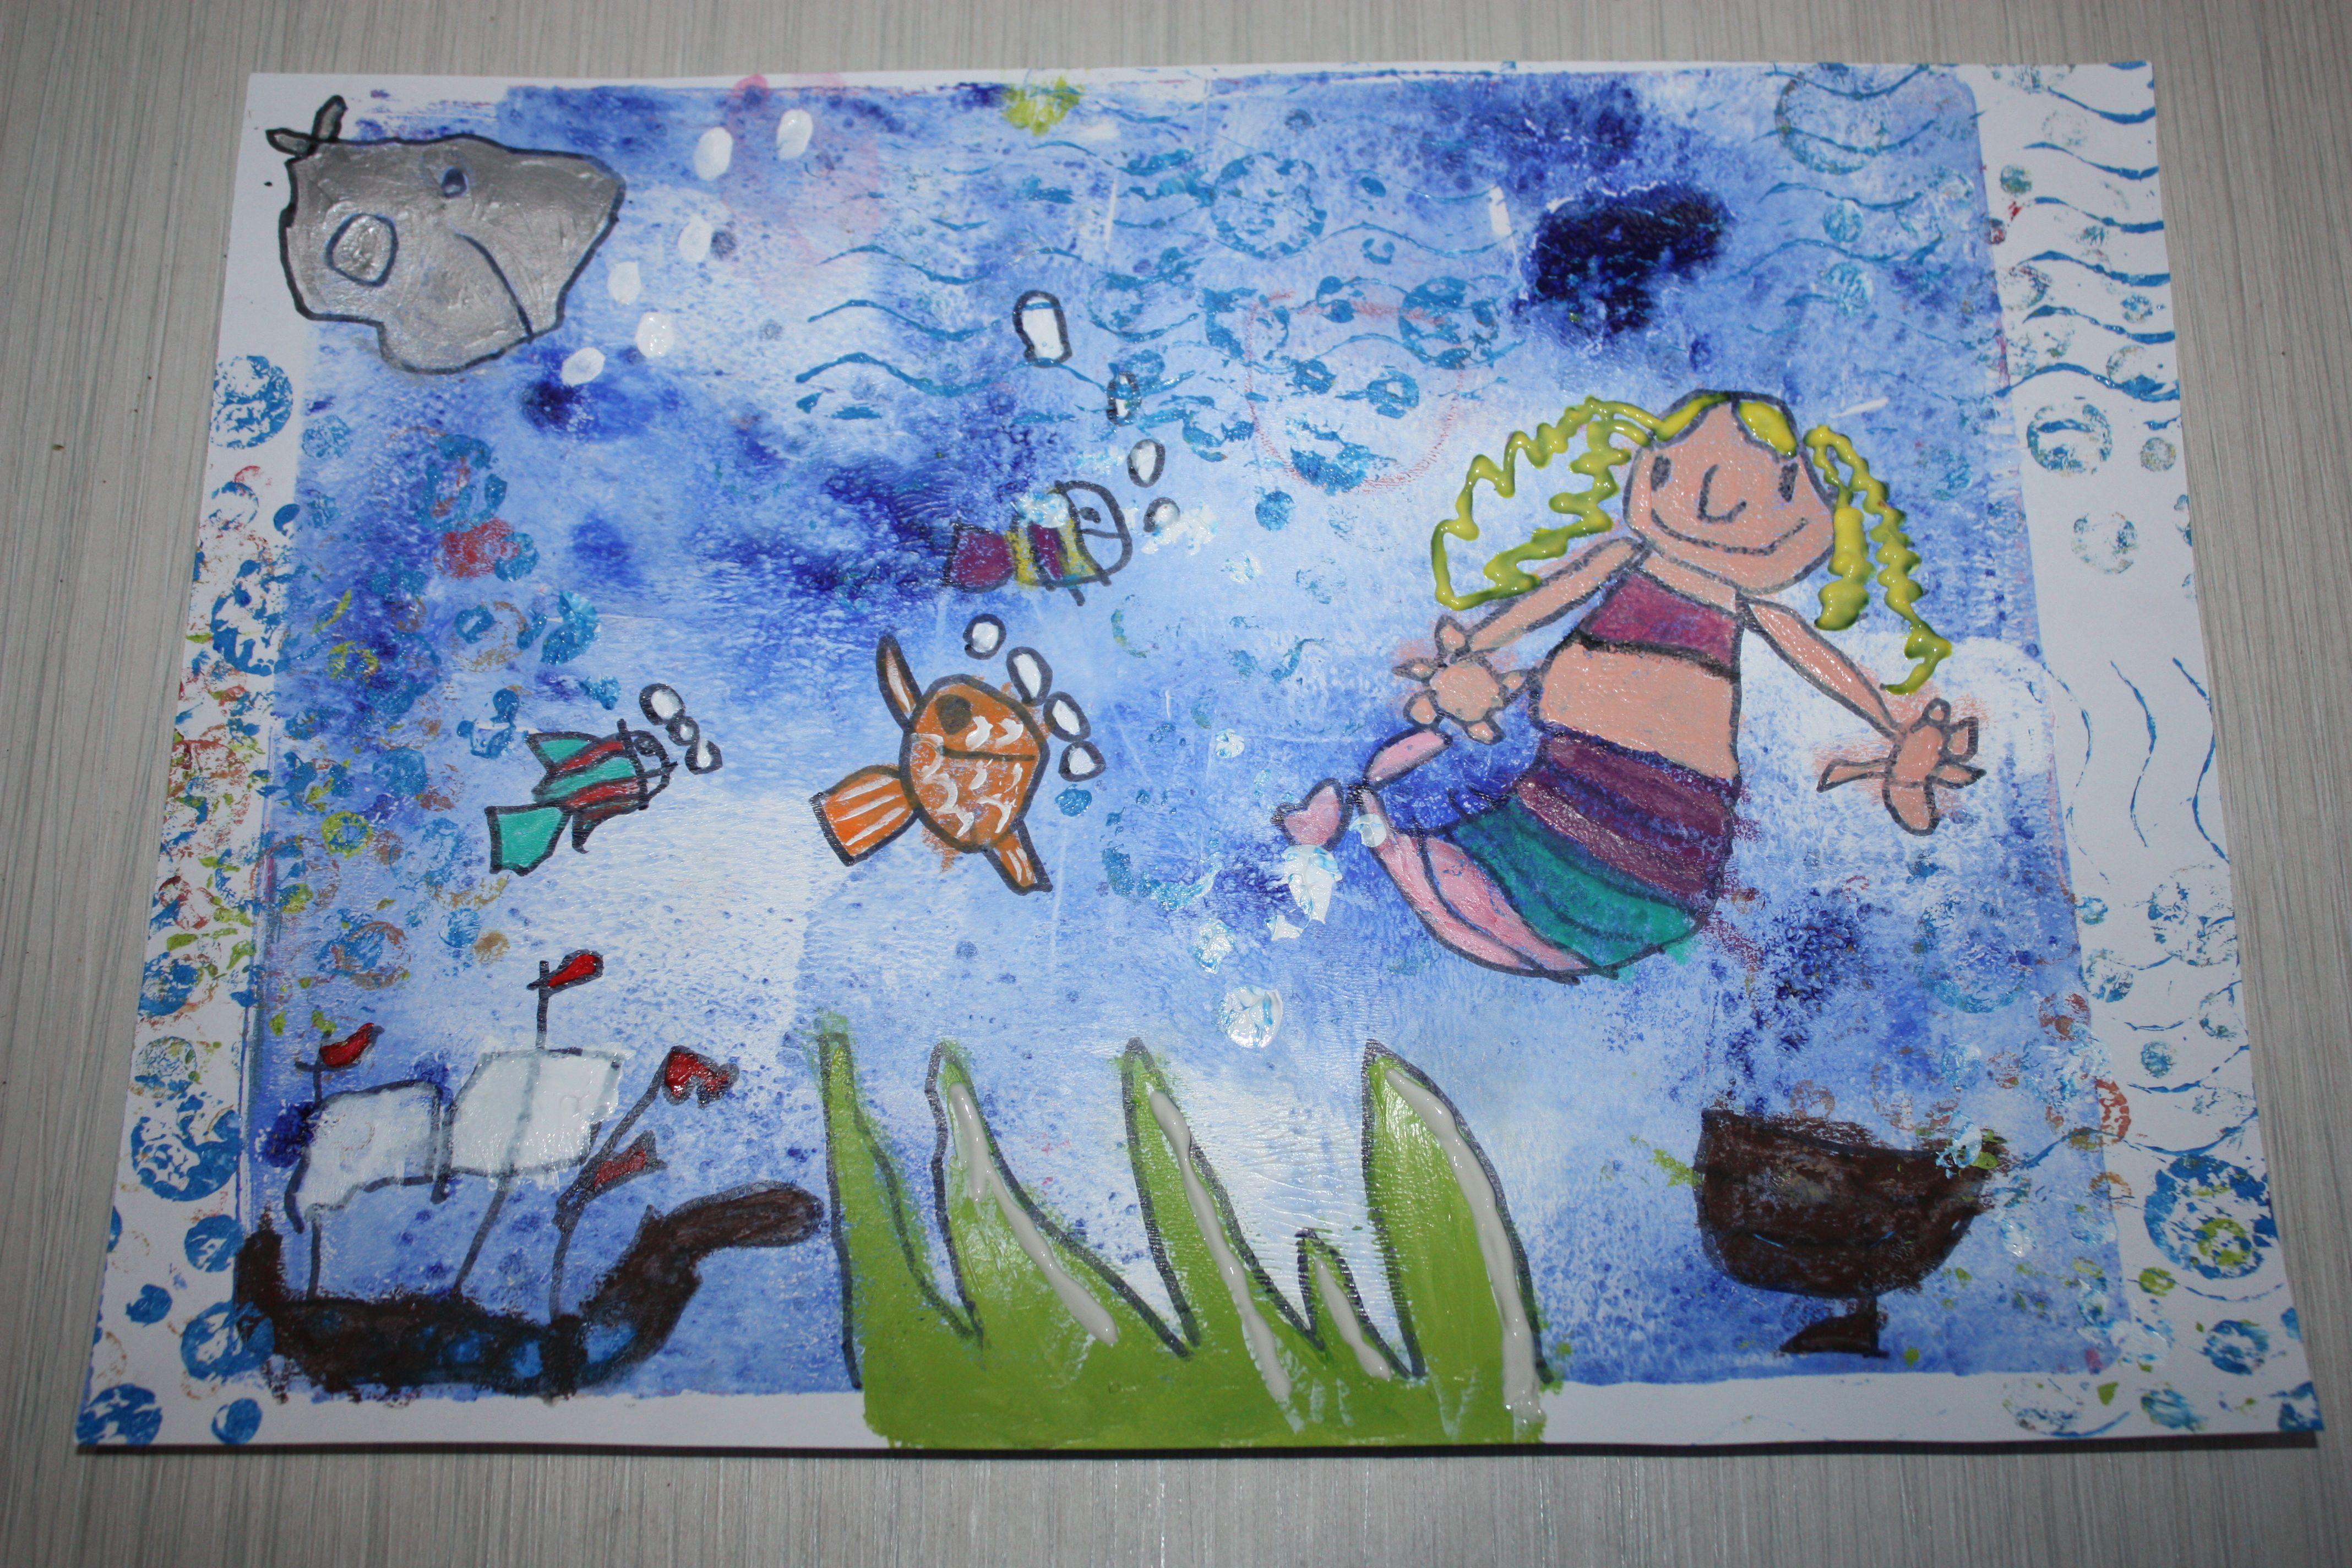 Bricolage avec mon fils, 5 ans. Fond à la gelli plate. Dessins en peinture acrylique.